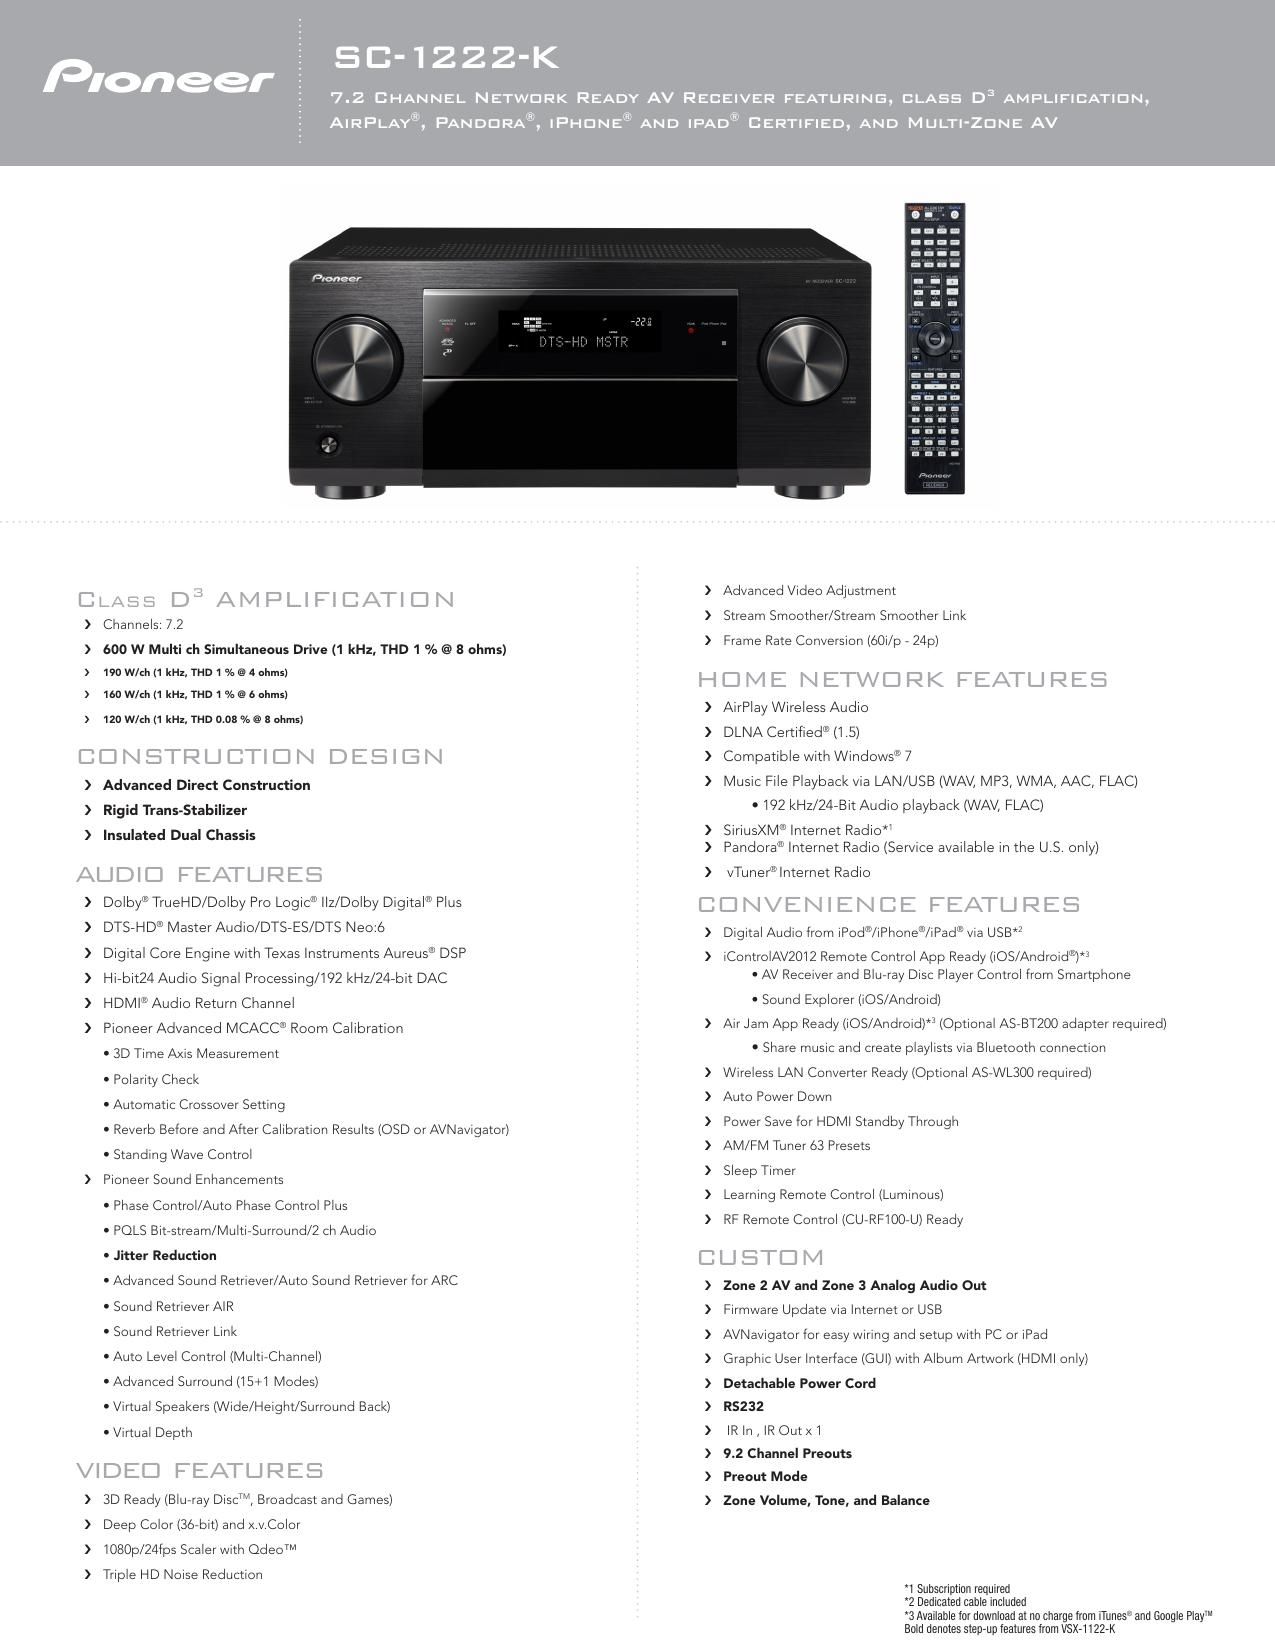 SC-1222-K - Datatail   manualzz com